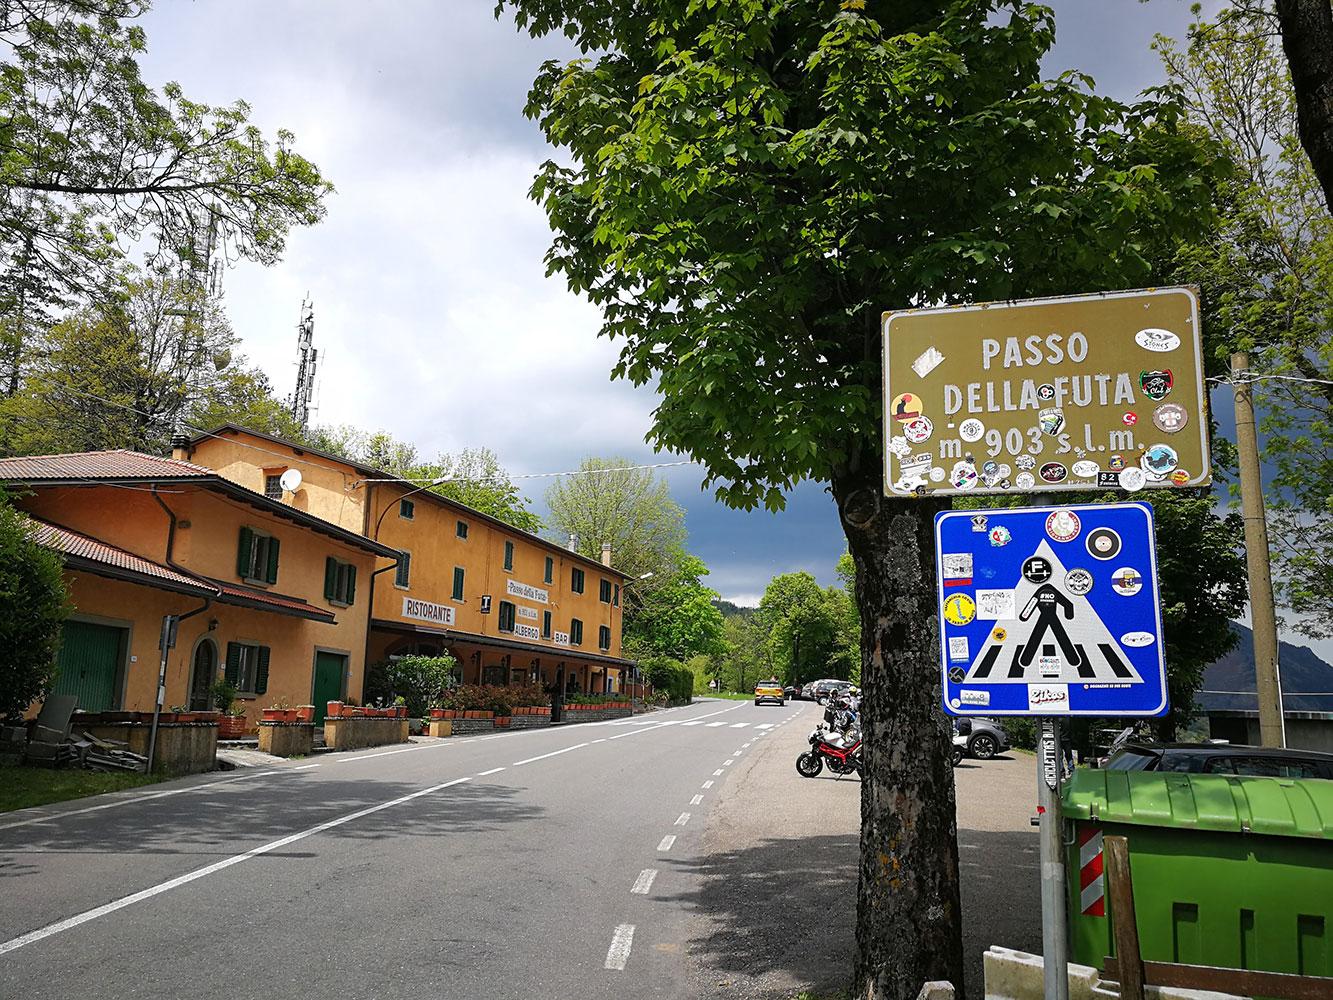 passo-della-futa-via-degli-dei